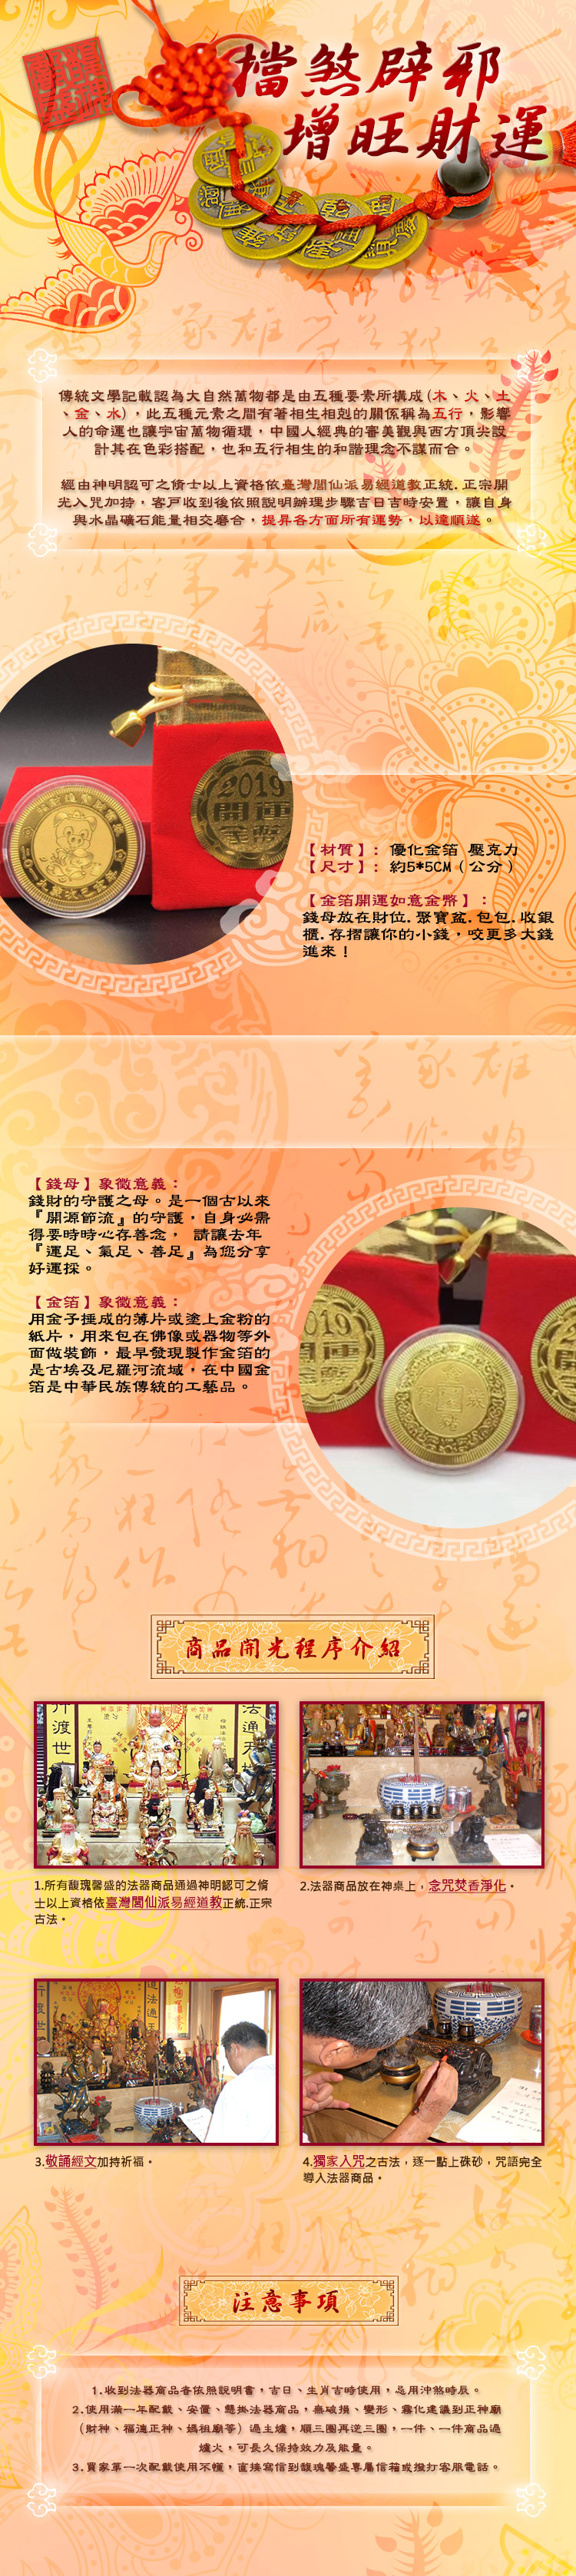 台幣 錢母 收藏 賀歳 紅包 禮品 贈禮 紀念幣 含開光